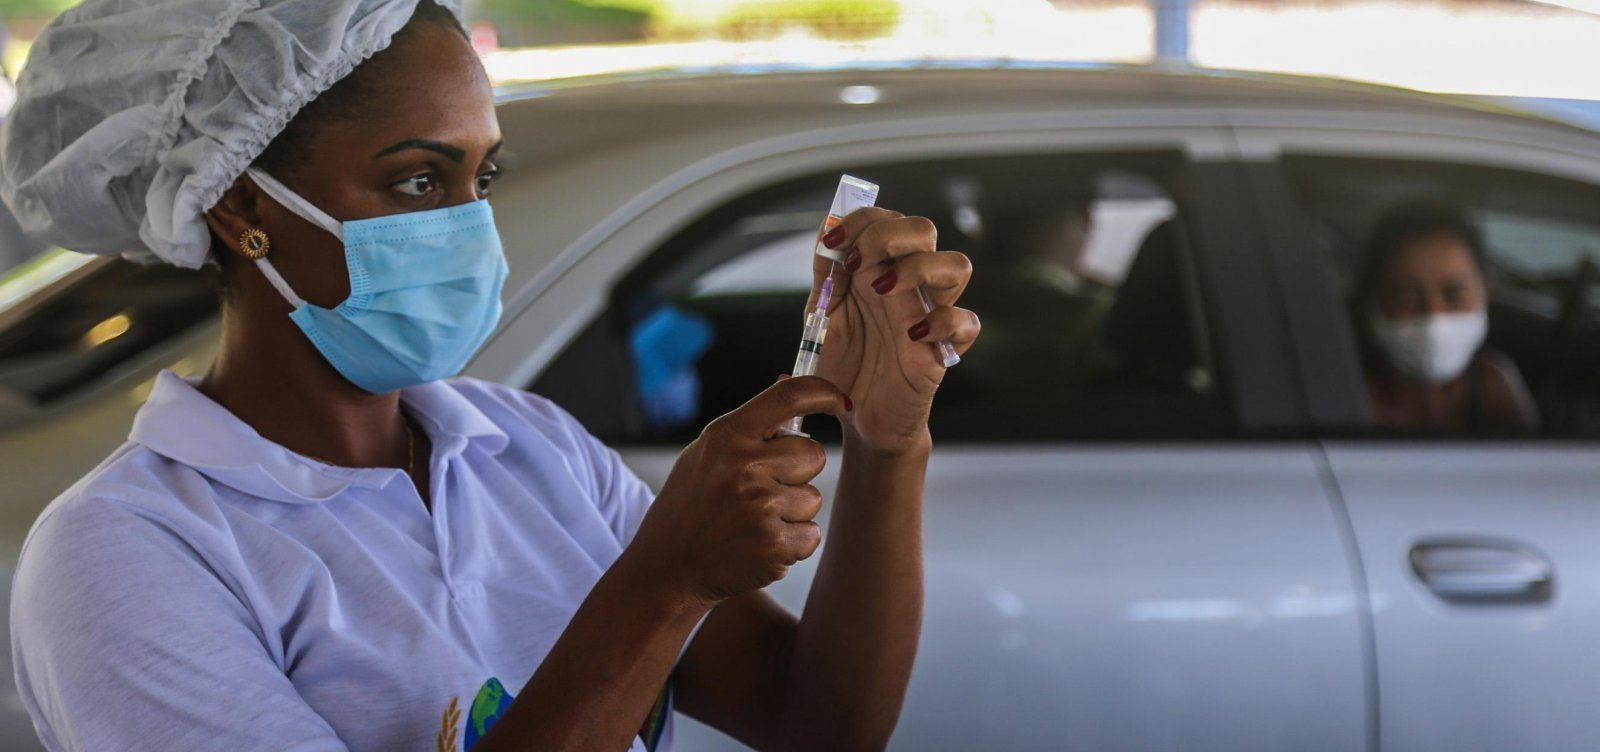 Covid-19: mutirão para cadastrar pacientes com doenças crônicas será realizado nesta sexta